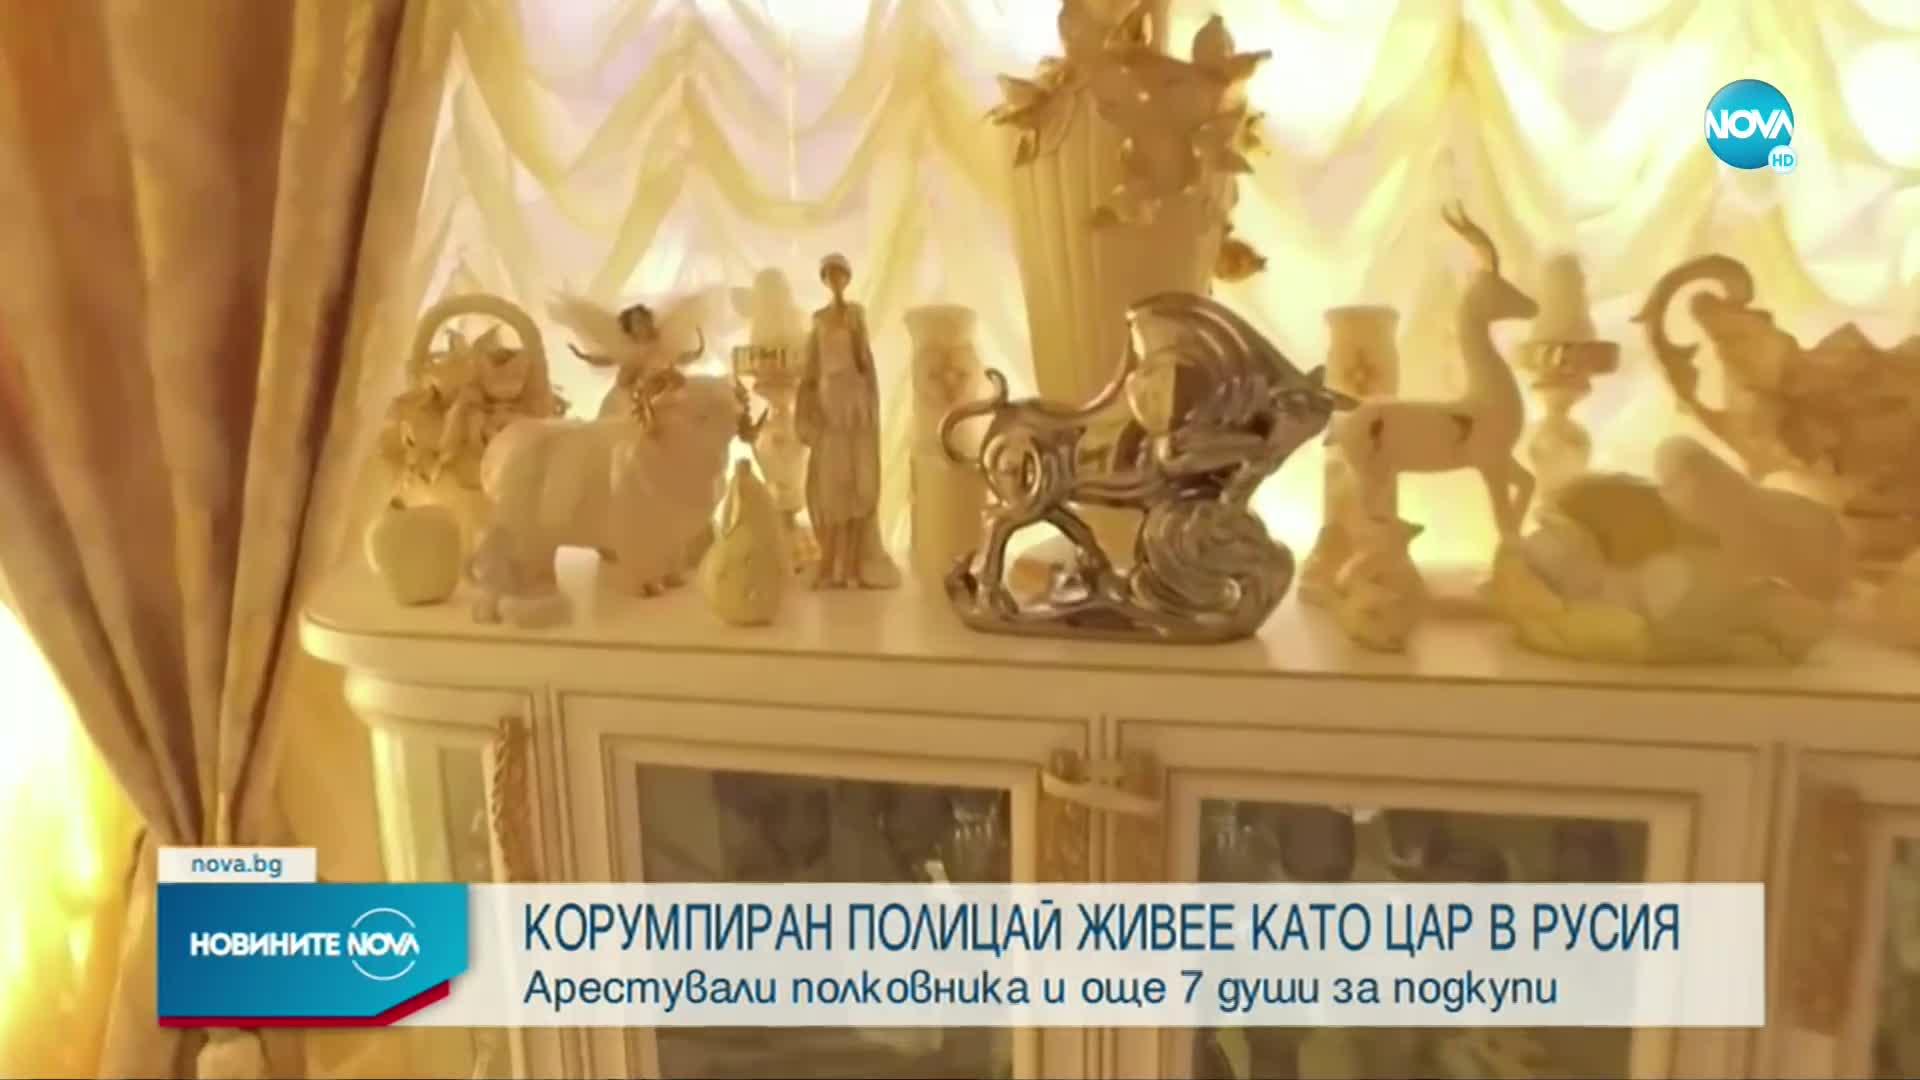 Показаха луксозното имение на полицейски шеф, арестуван за корупция в Русия